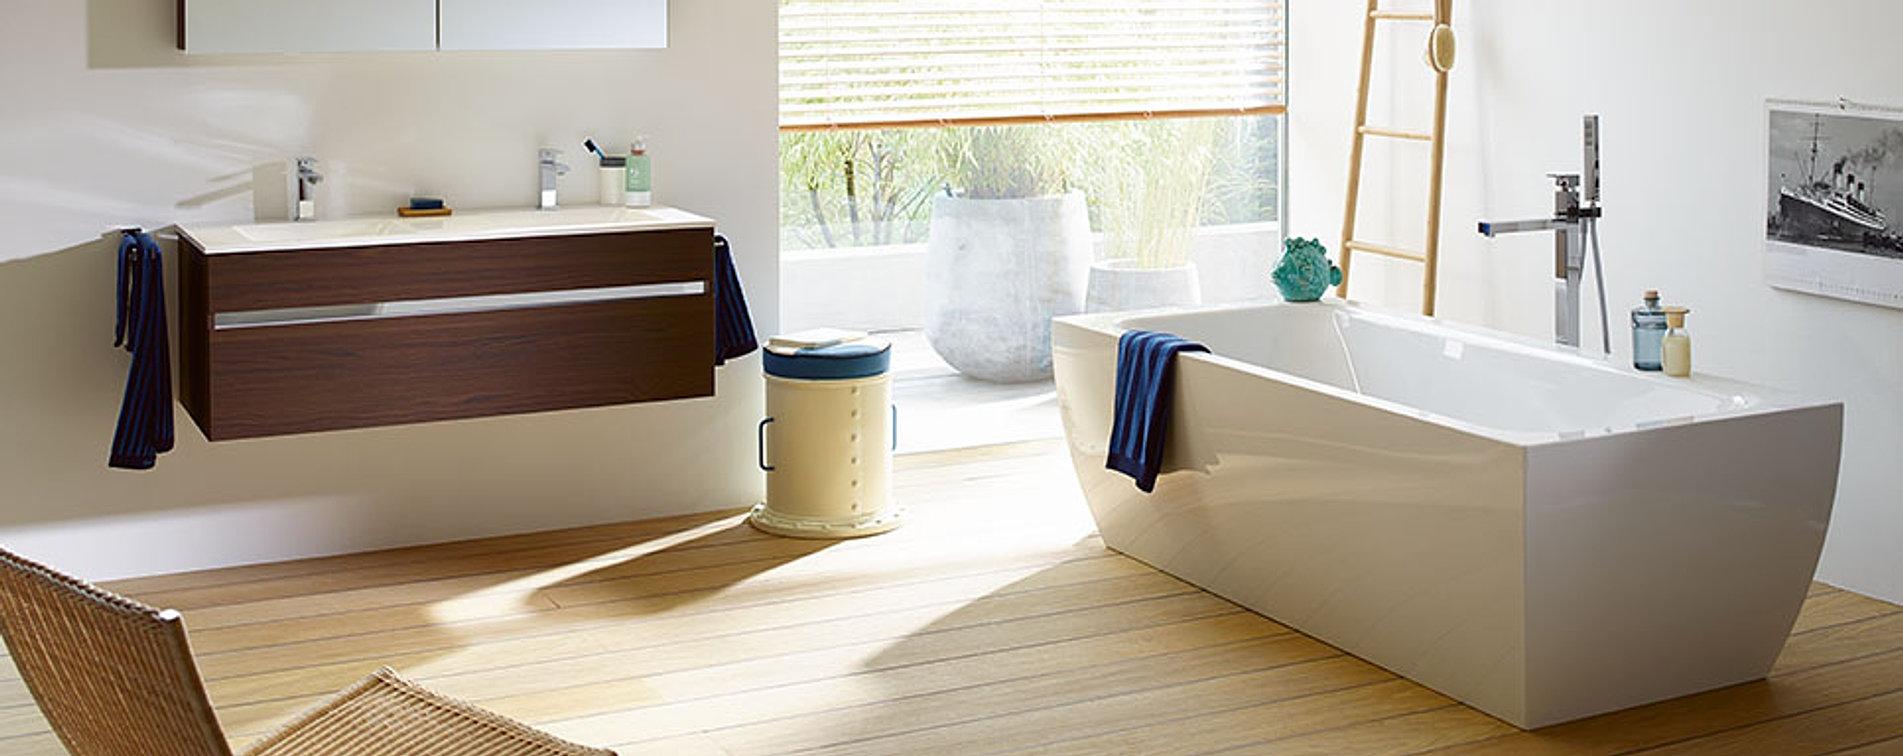 Badwelten luxur se badezimmer badezimmereinrichtung for 94 gegenstand im badezimmer